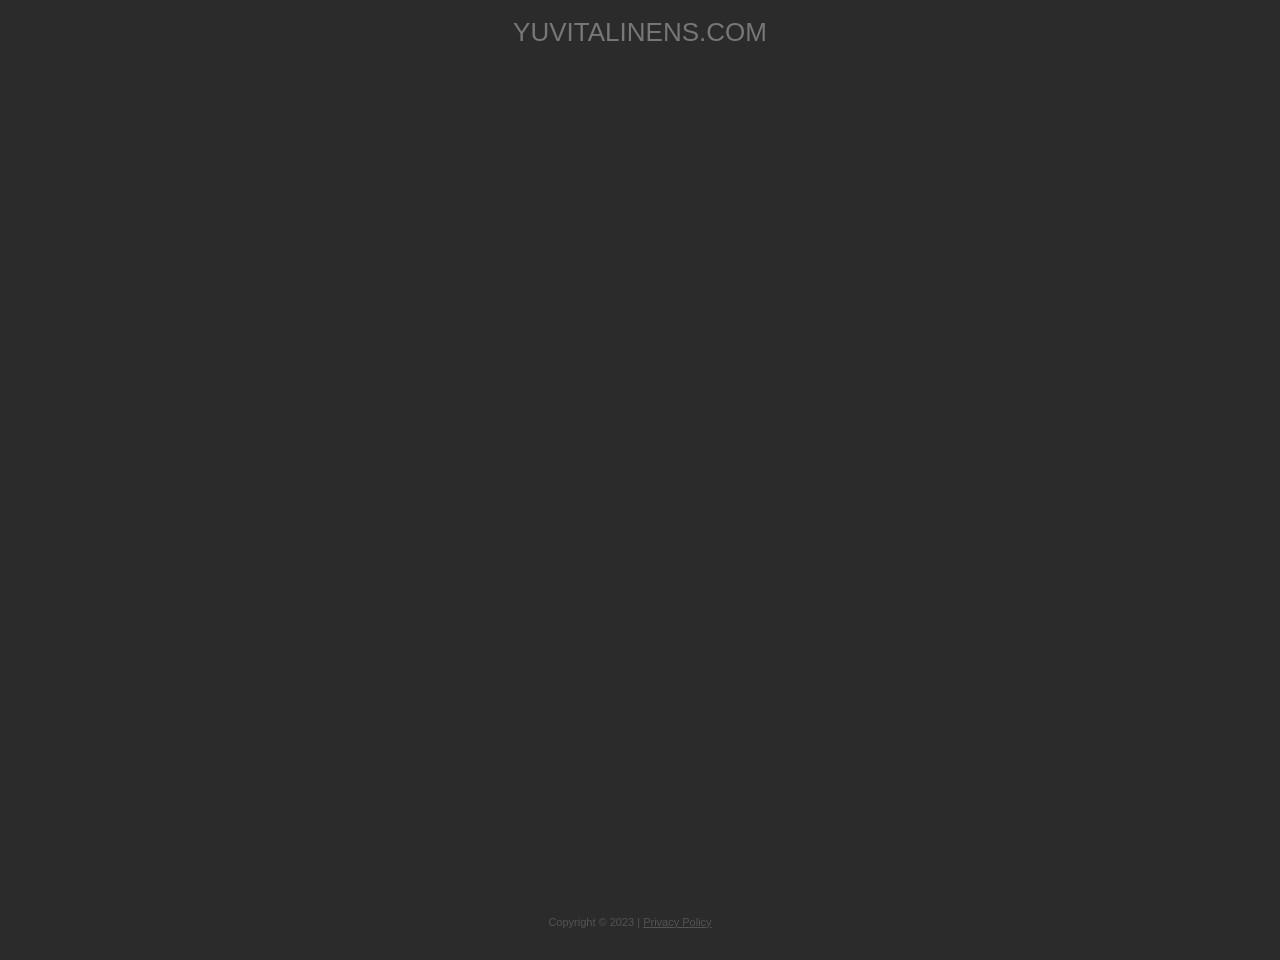 yuvitalinens.com